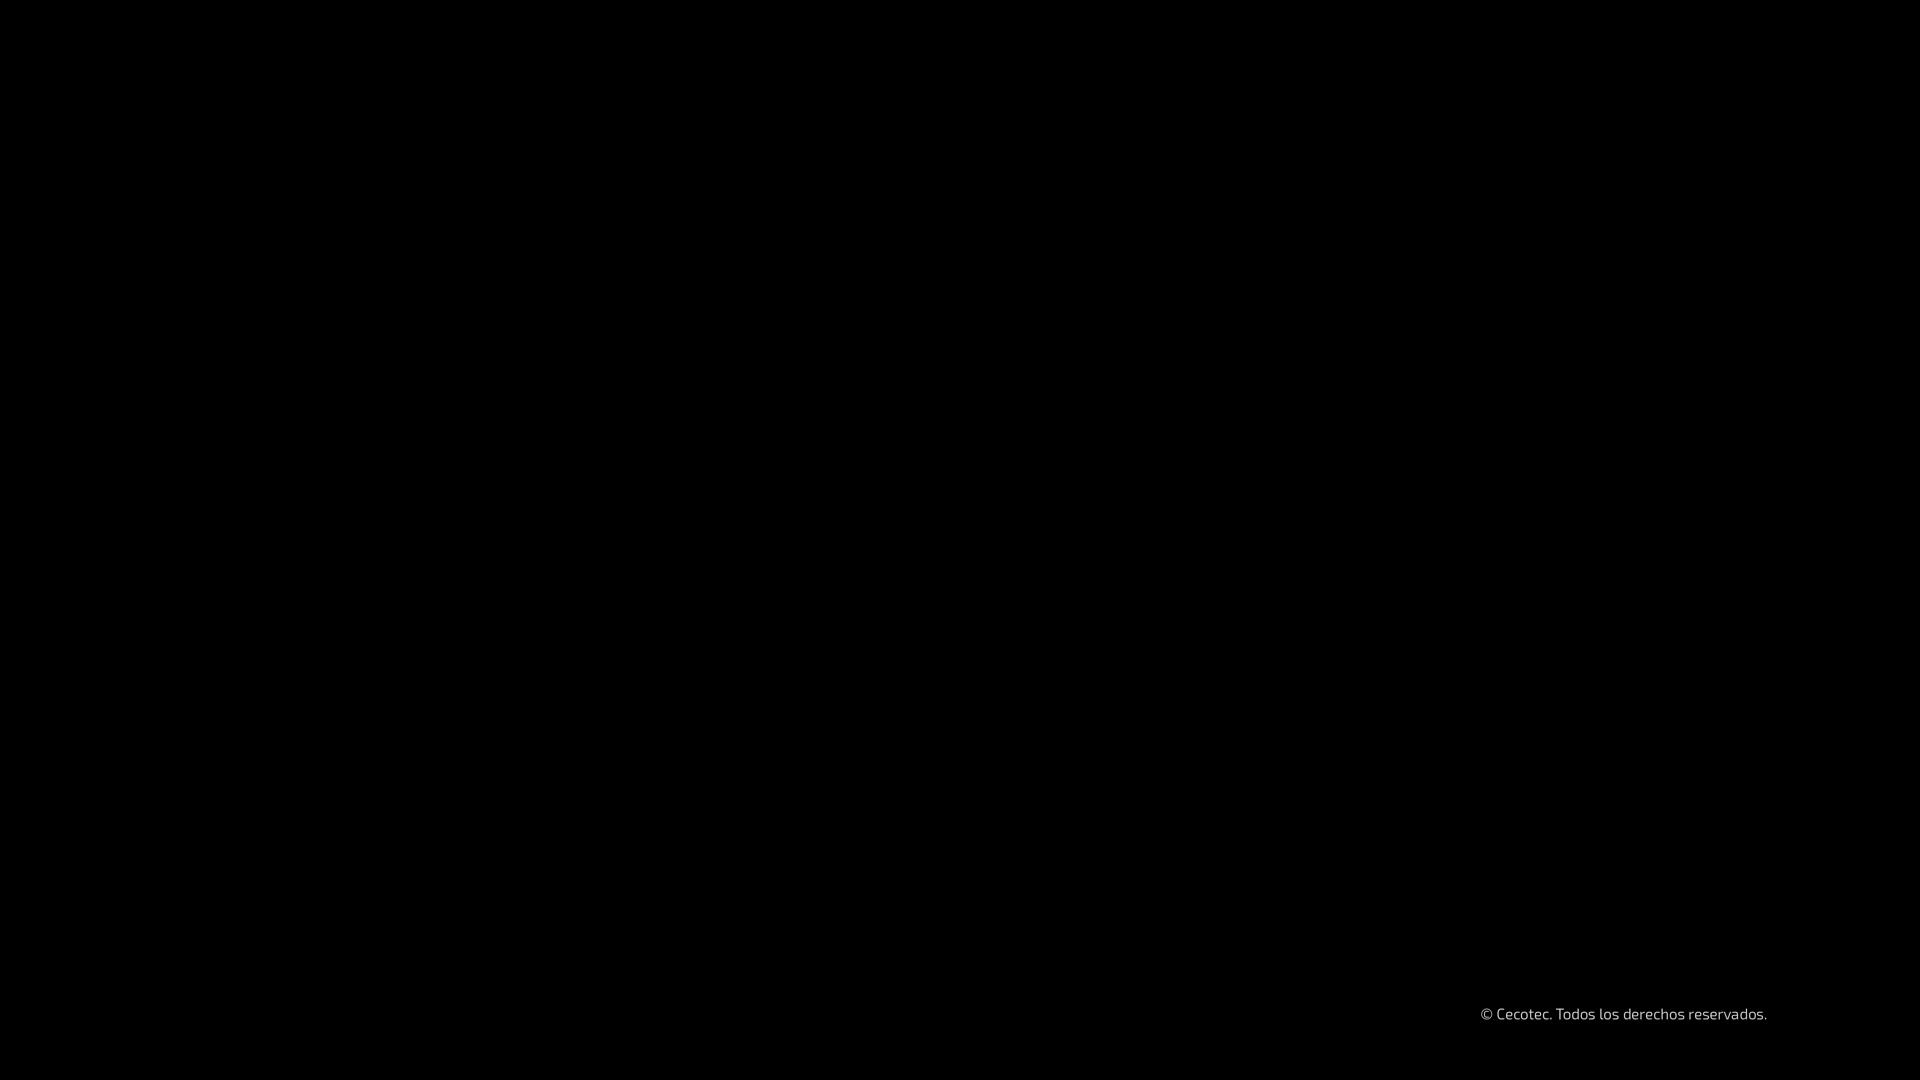 Cecotec Aspirador Vertical 4 en 1 de máxima Potencia Conga Immortal Extreme 40,7 V H2O MAX. Depósito de Agua con mopa Opcional. Tecnología ciclónica. 85 Minutos de autonomía. (37 V): Amazon.es: Hogar